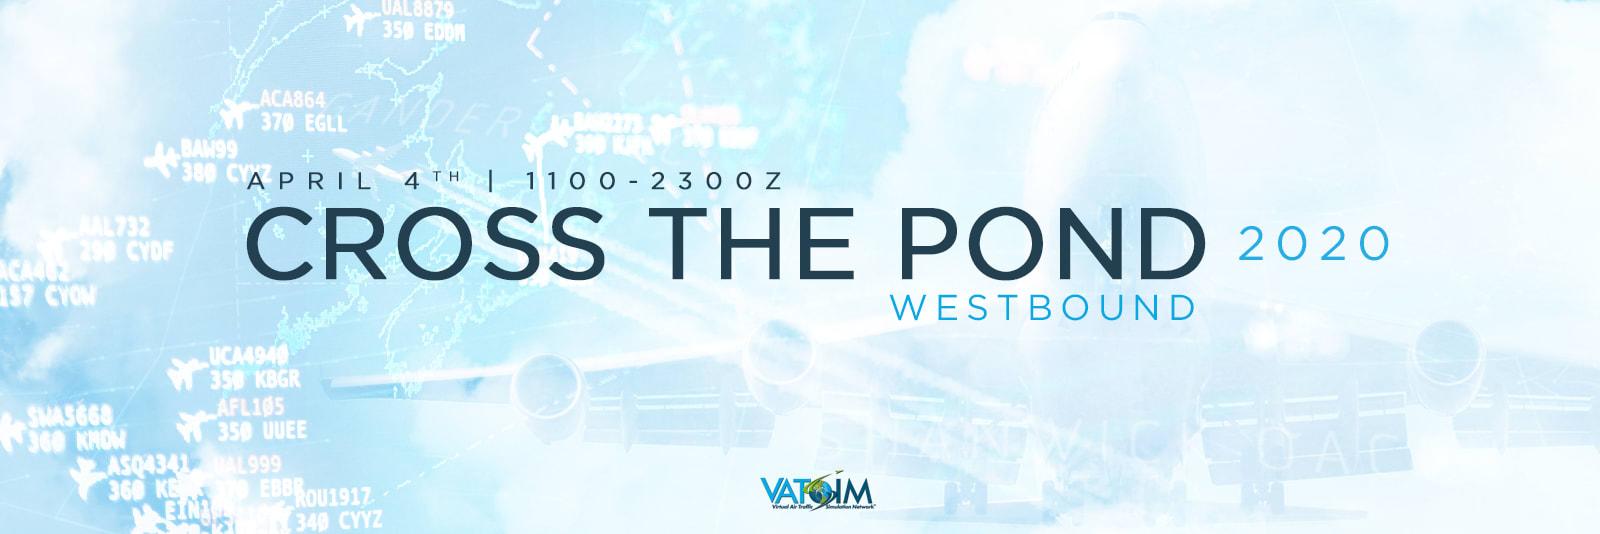 CTP 2020 Westbound